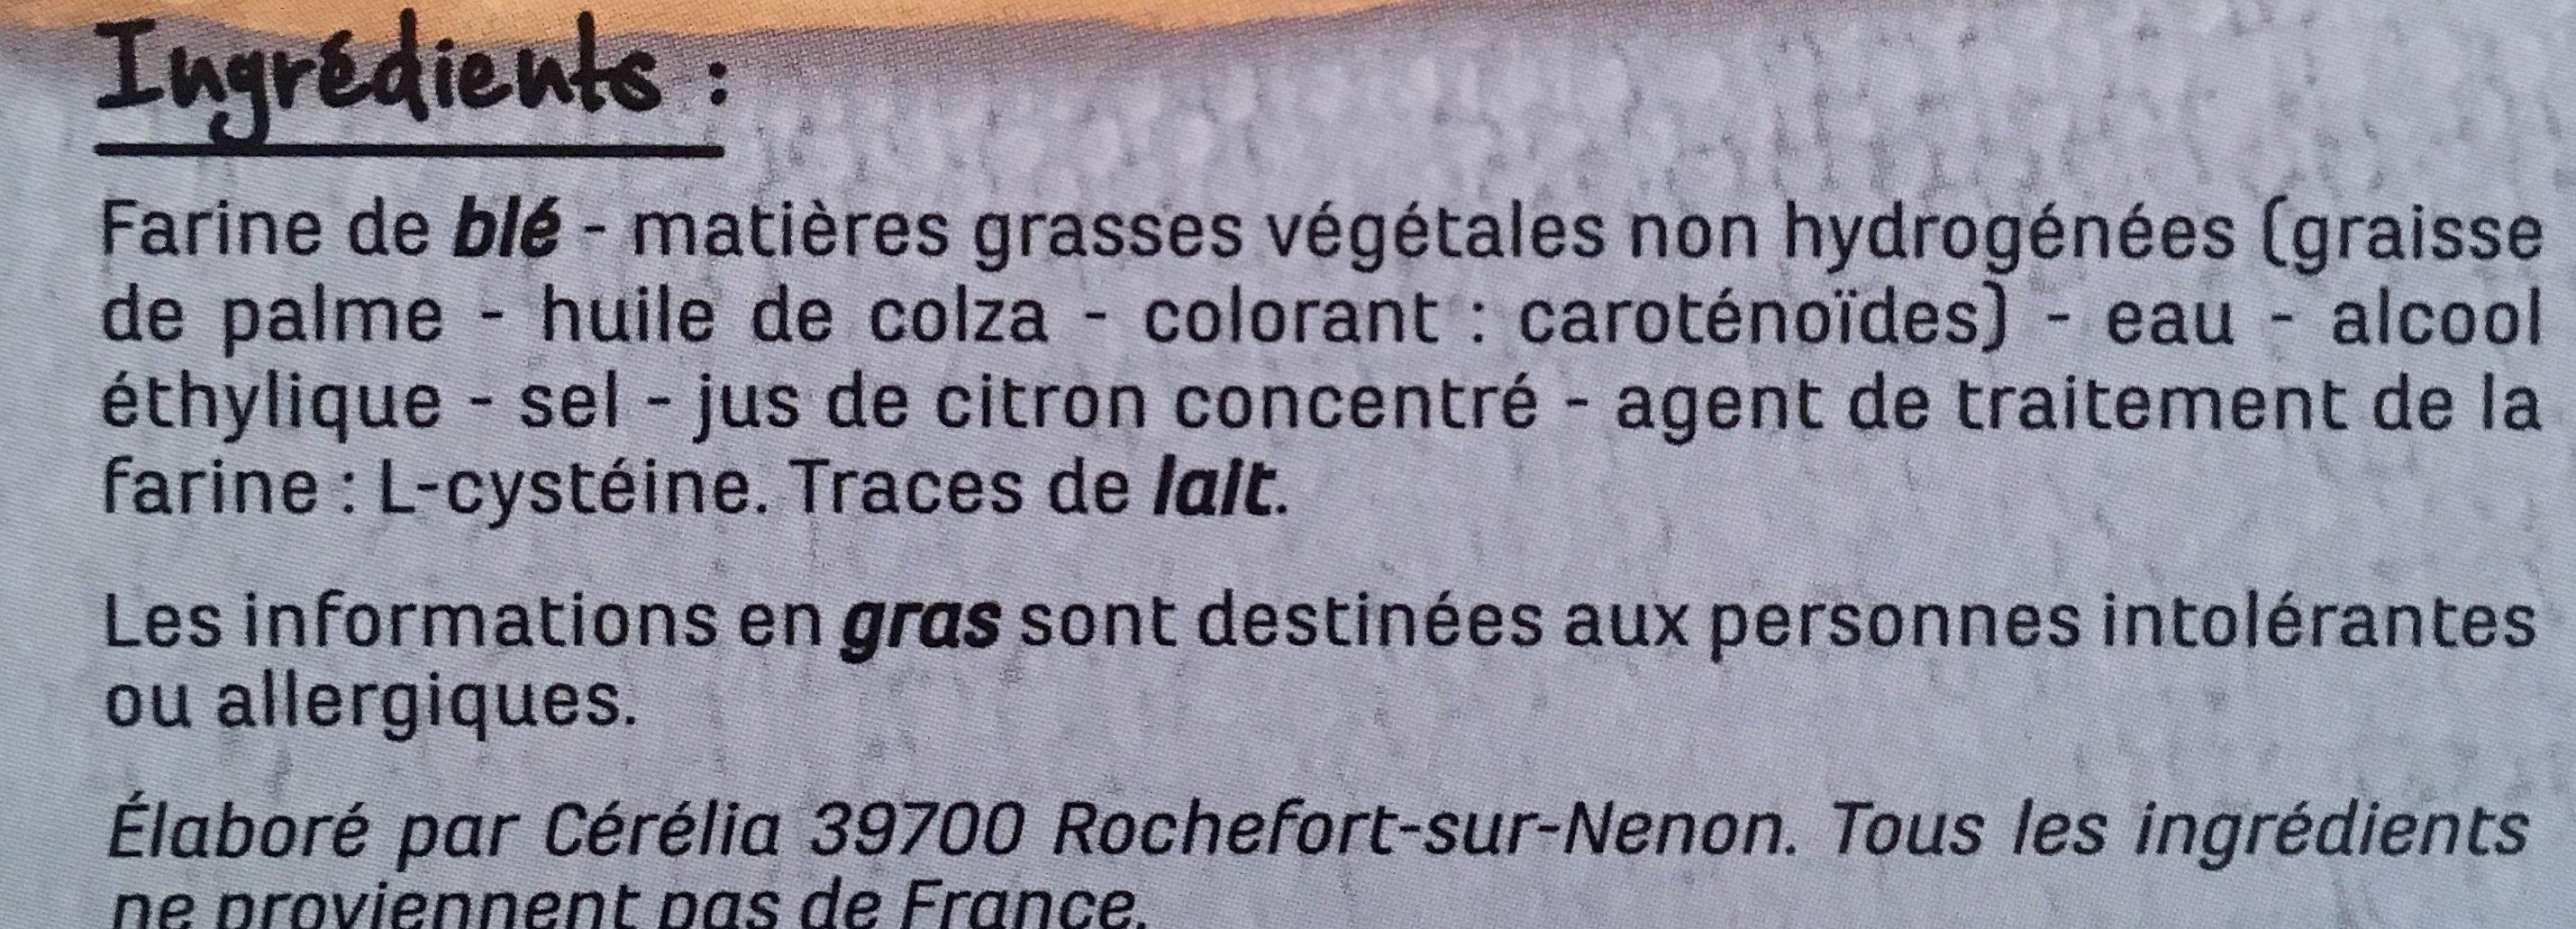 2 Pâtes feuilletées - Ingrédients